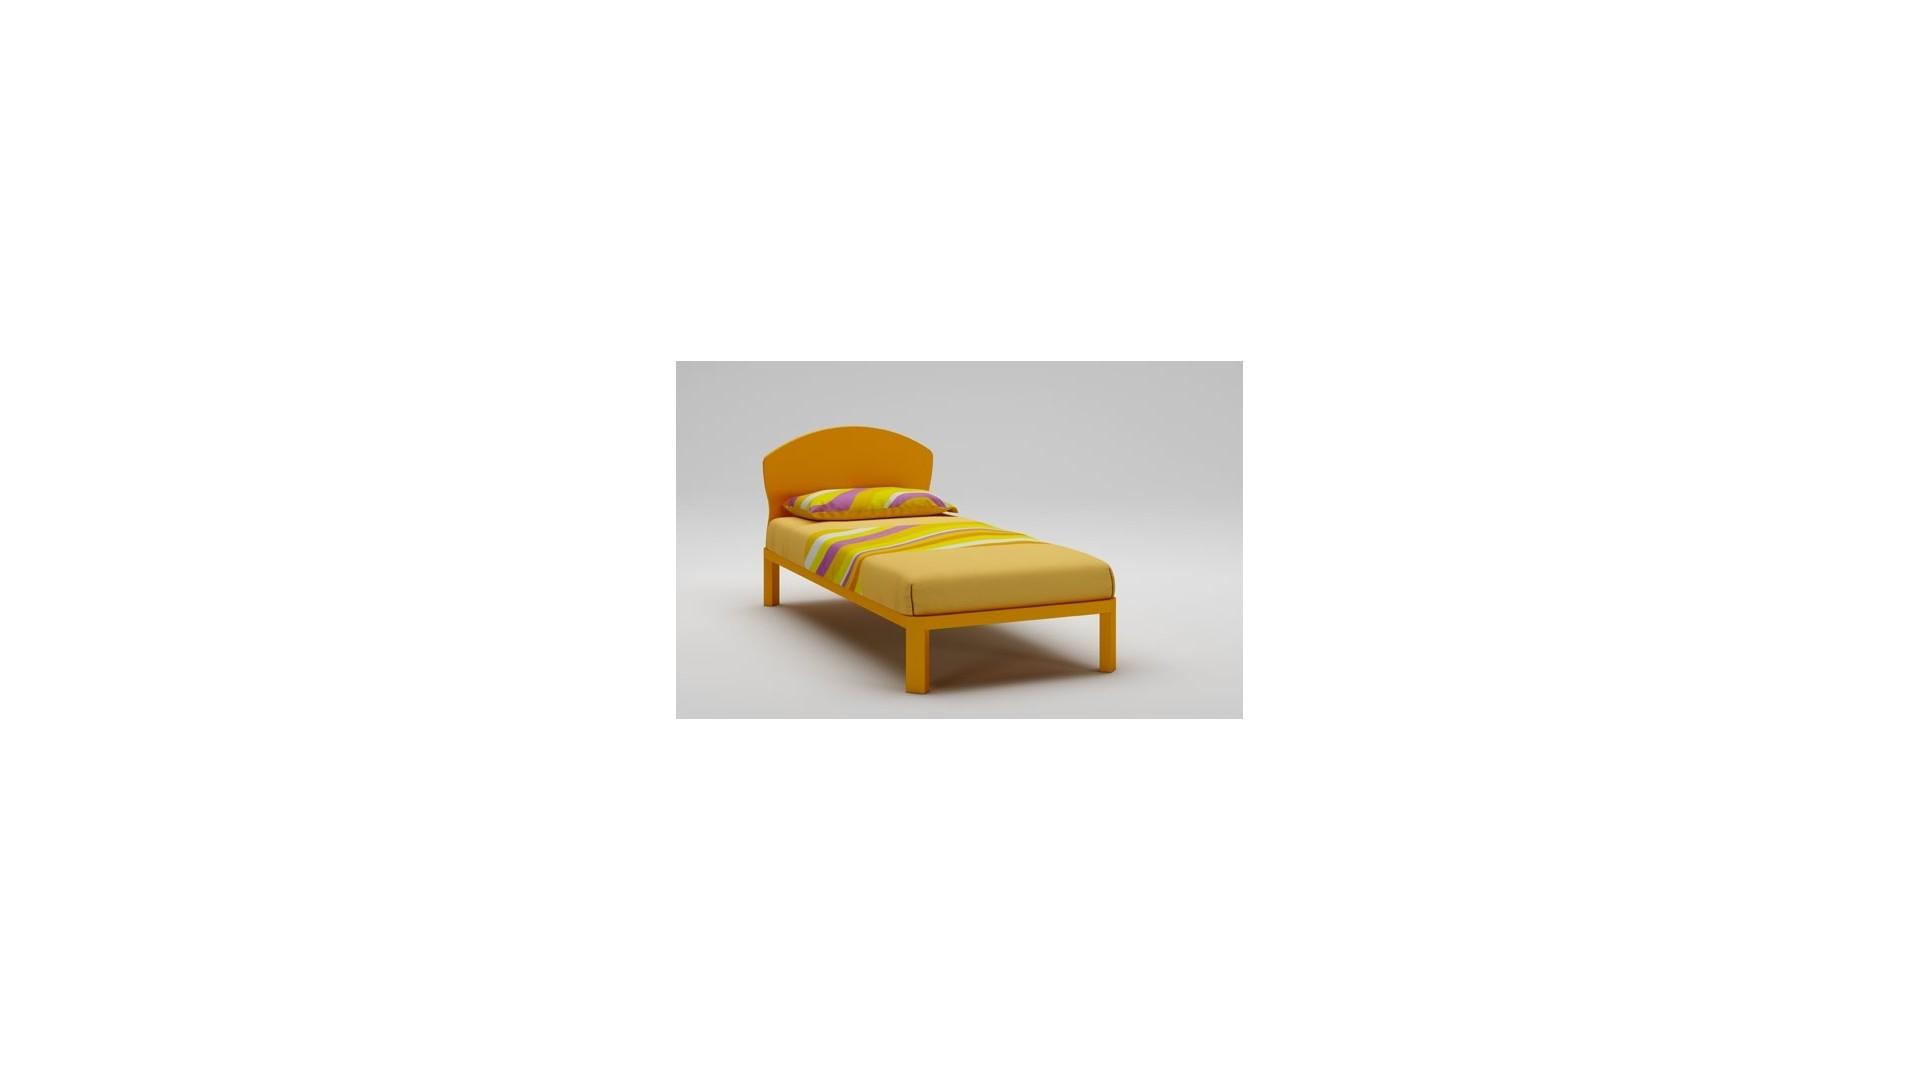 Lit enfant PERSONNALISABLE WL029 de 90 x 200 couleur orange - MORETTI COMPACT